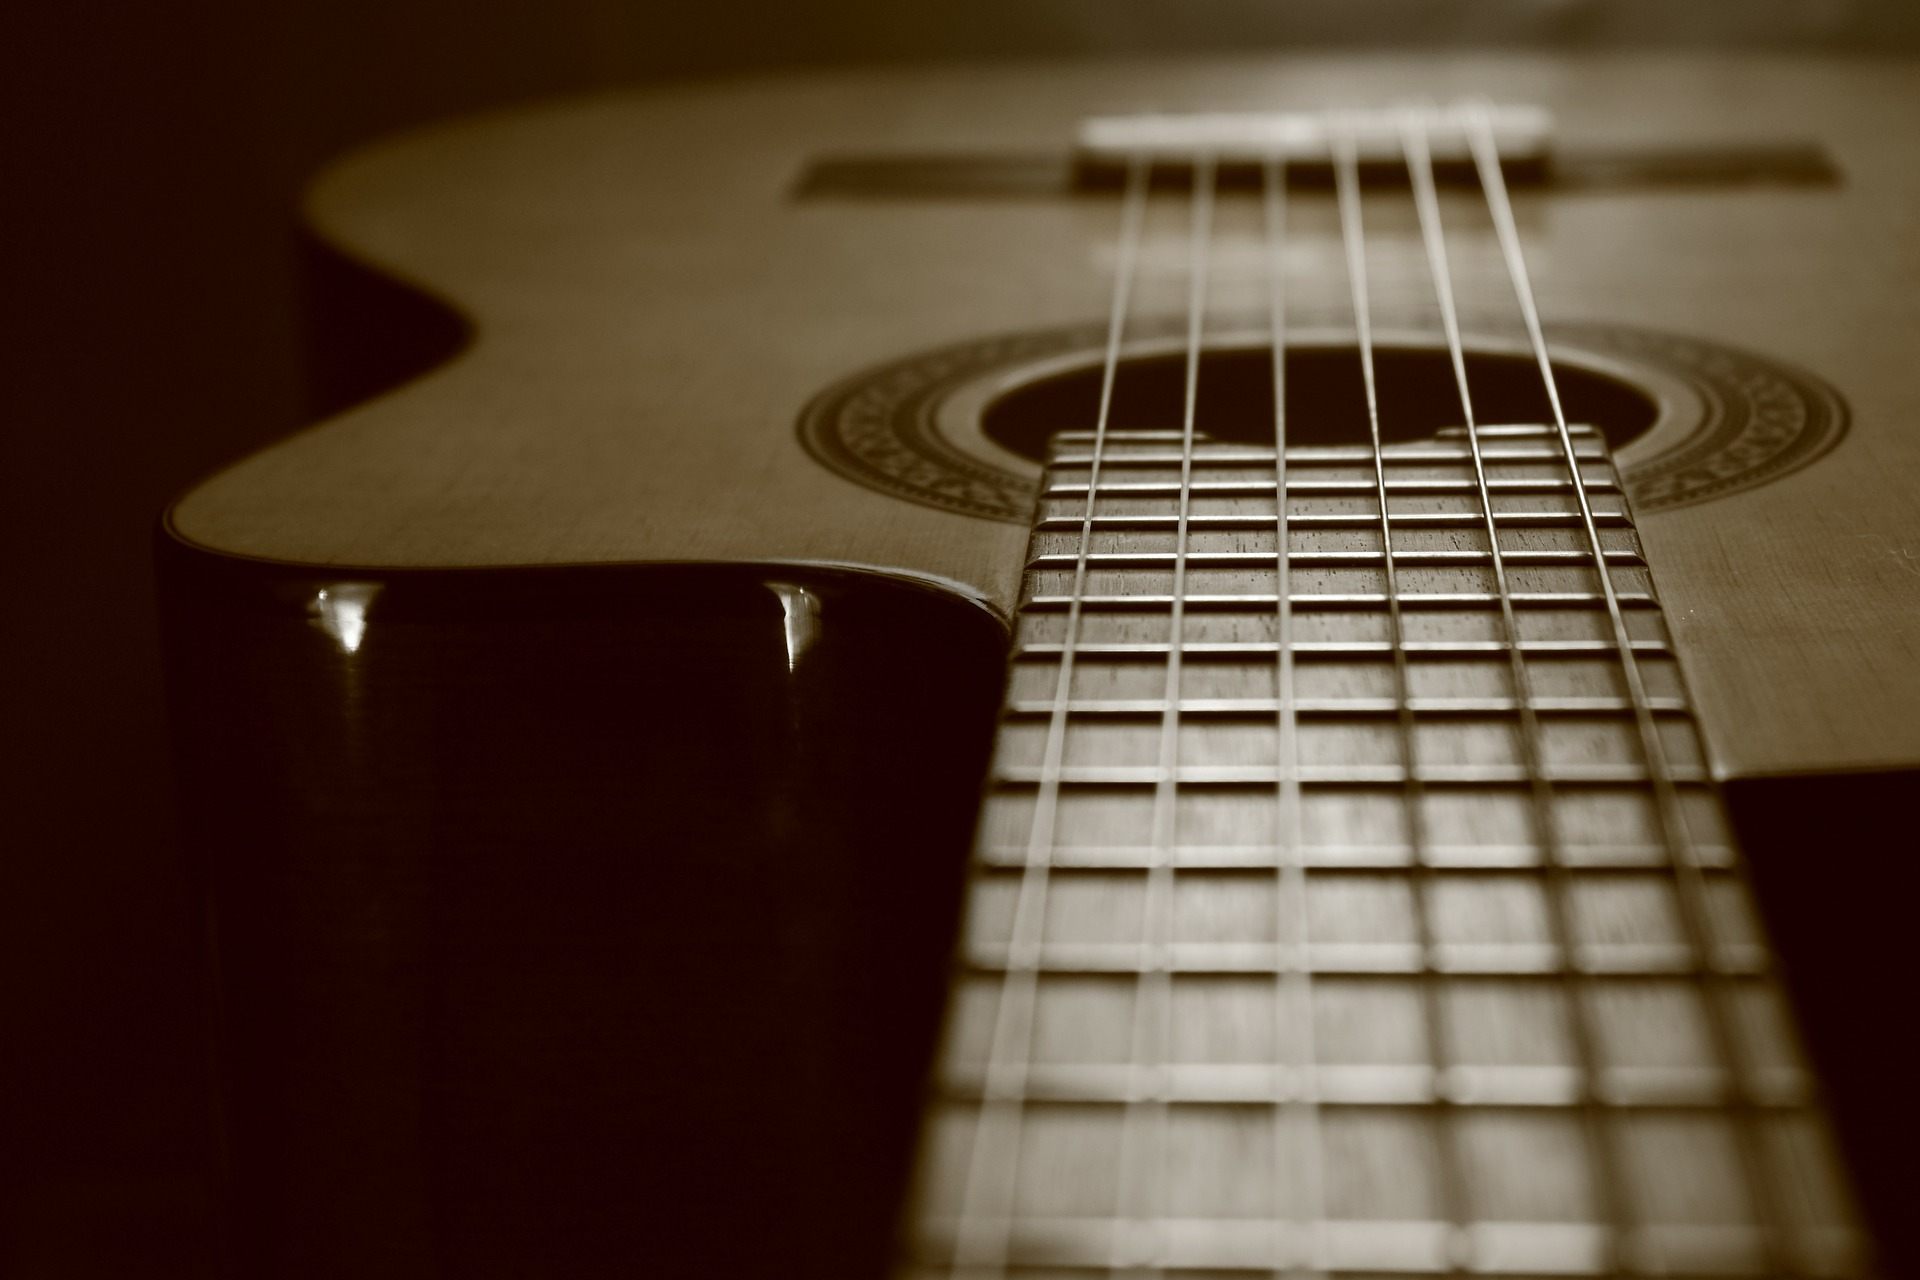 guitar-56917_1920